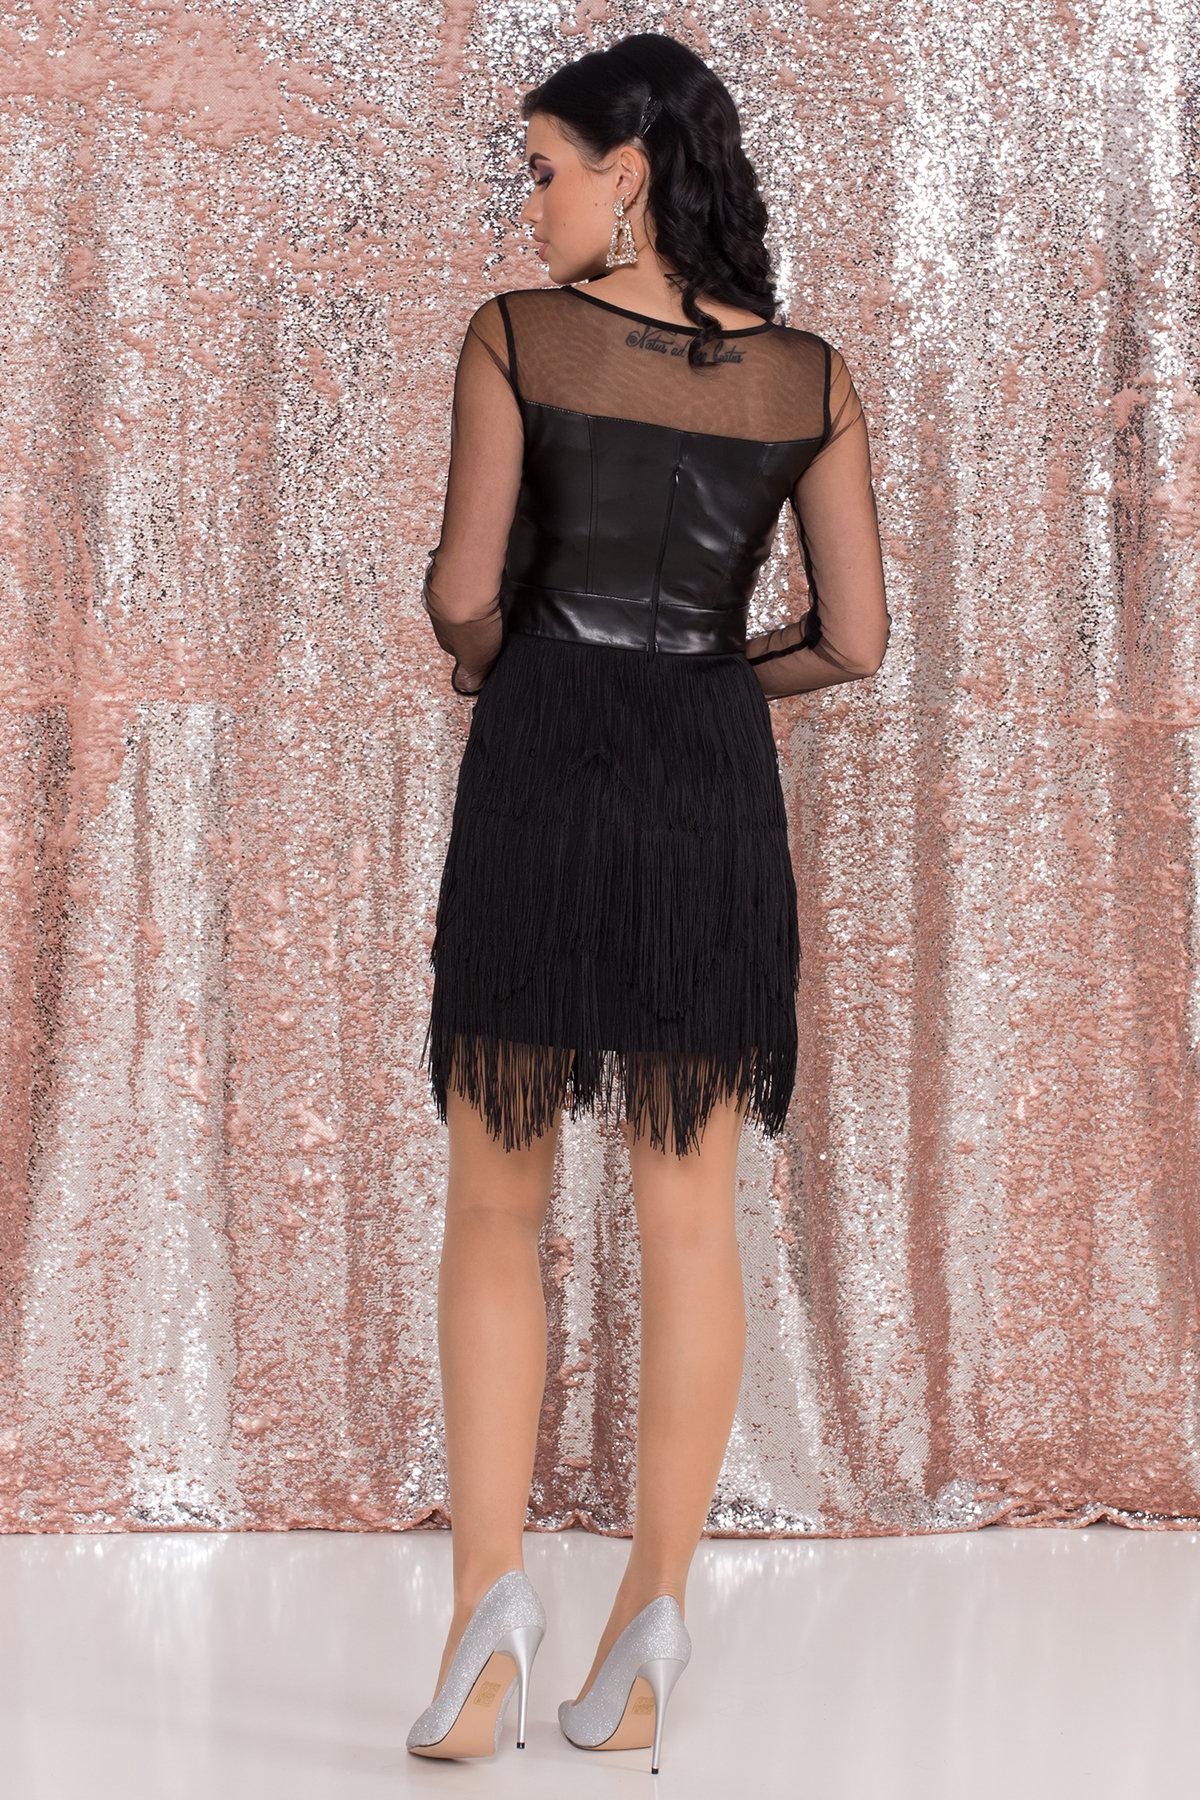 Платье Монталь 8558 АРТ. 44883 Цвет: Черный - фото 3, интернет магазин tm-modus.ru